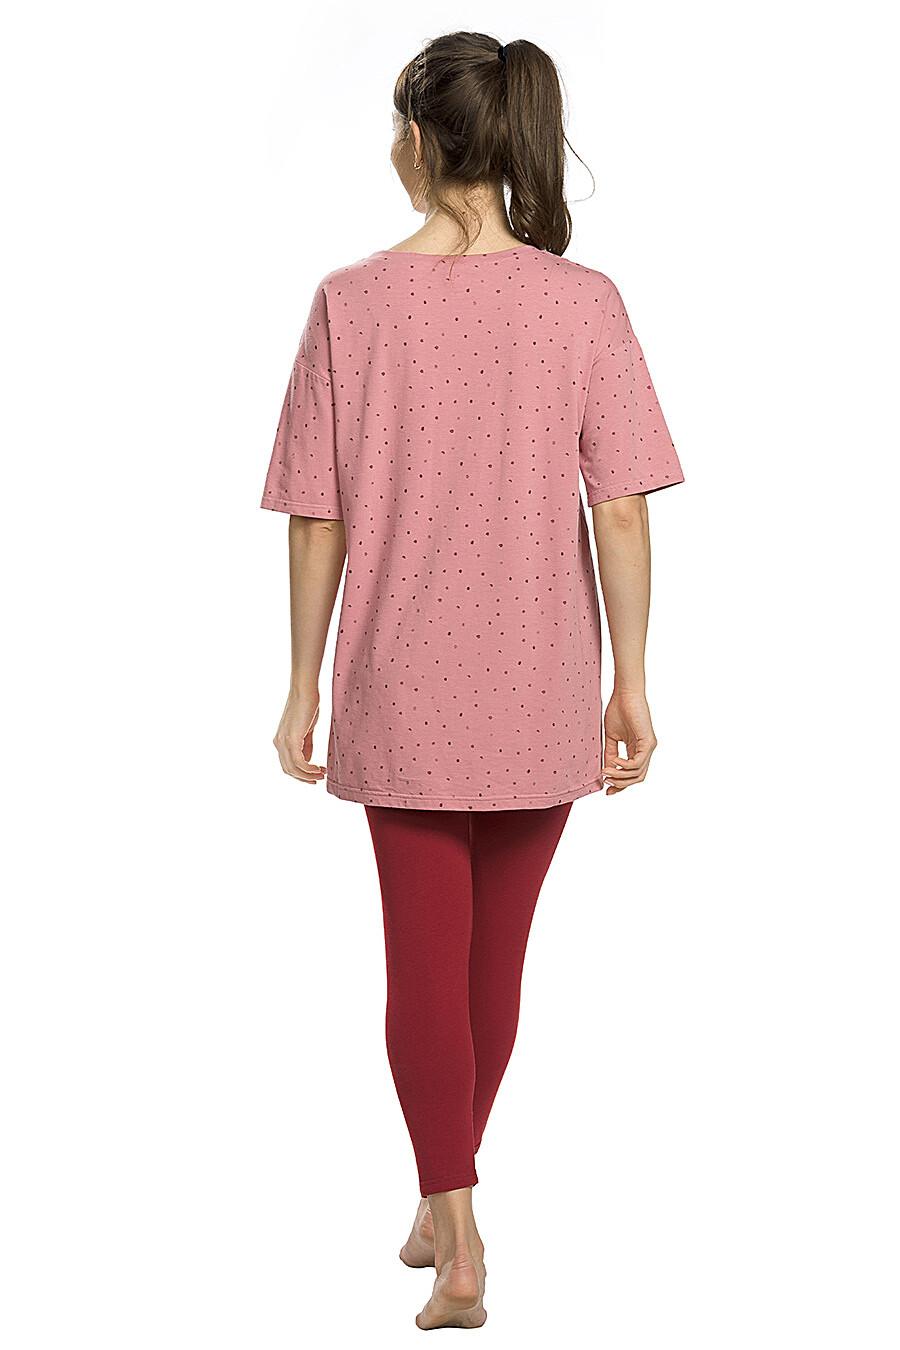 Копмлект (Легинсы+Футболка) для женщин PELICAN 146642 купить оптом от производителя. Совместная покупка женской одежды в OptMoyo